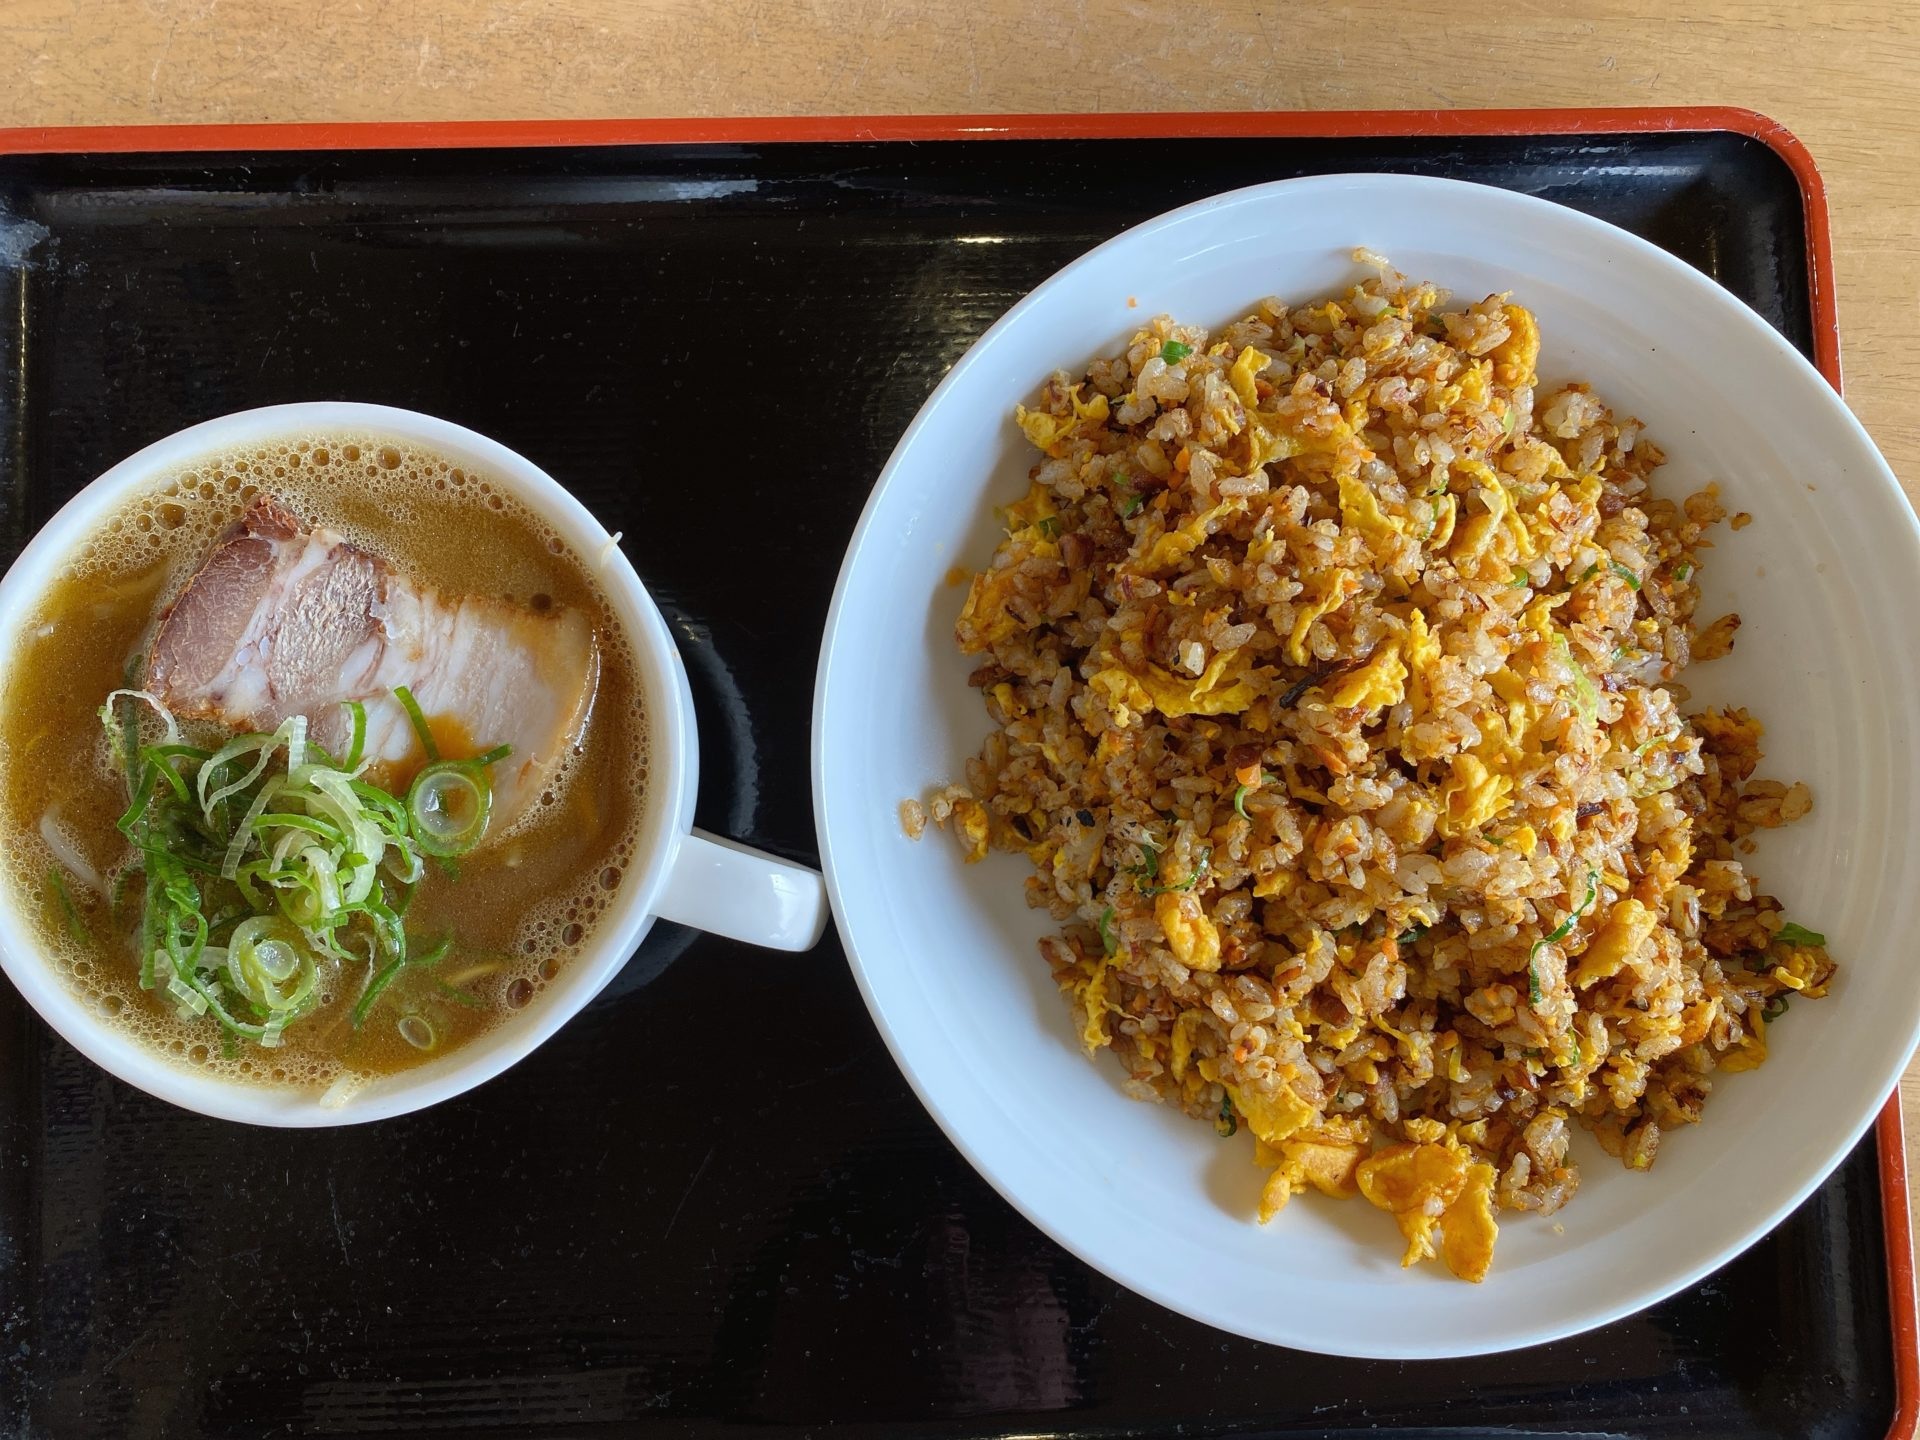 東岡山駅から車で3分 拉麺食堂 一八(いっぱち)はラーメン以外も丼物やトンカツ、唐揚げ等の定食メニューが充実!コスパもよく、味も量も満足!